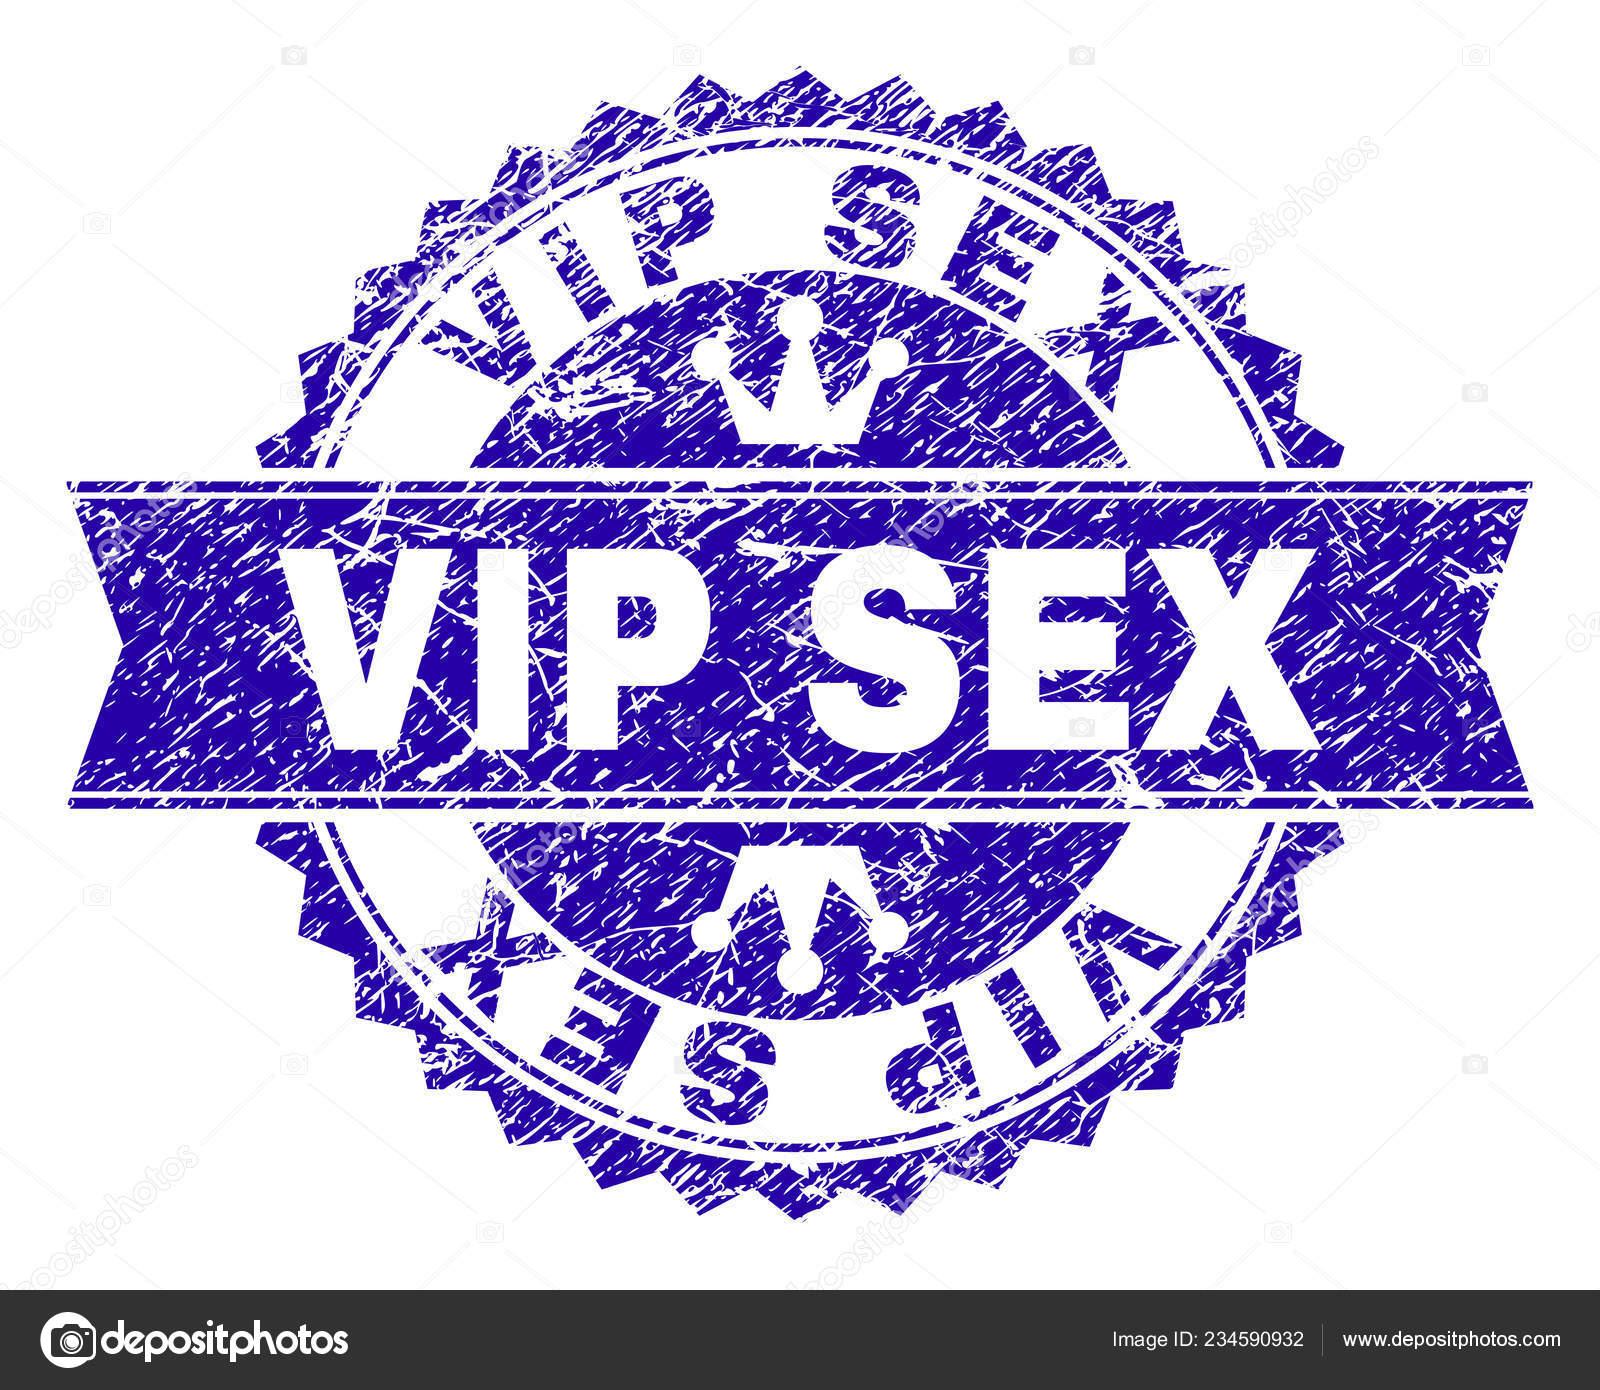 σεξ VIP ID φίλοι μόνο ιστοσελίδες γνωριμιών